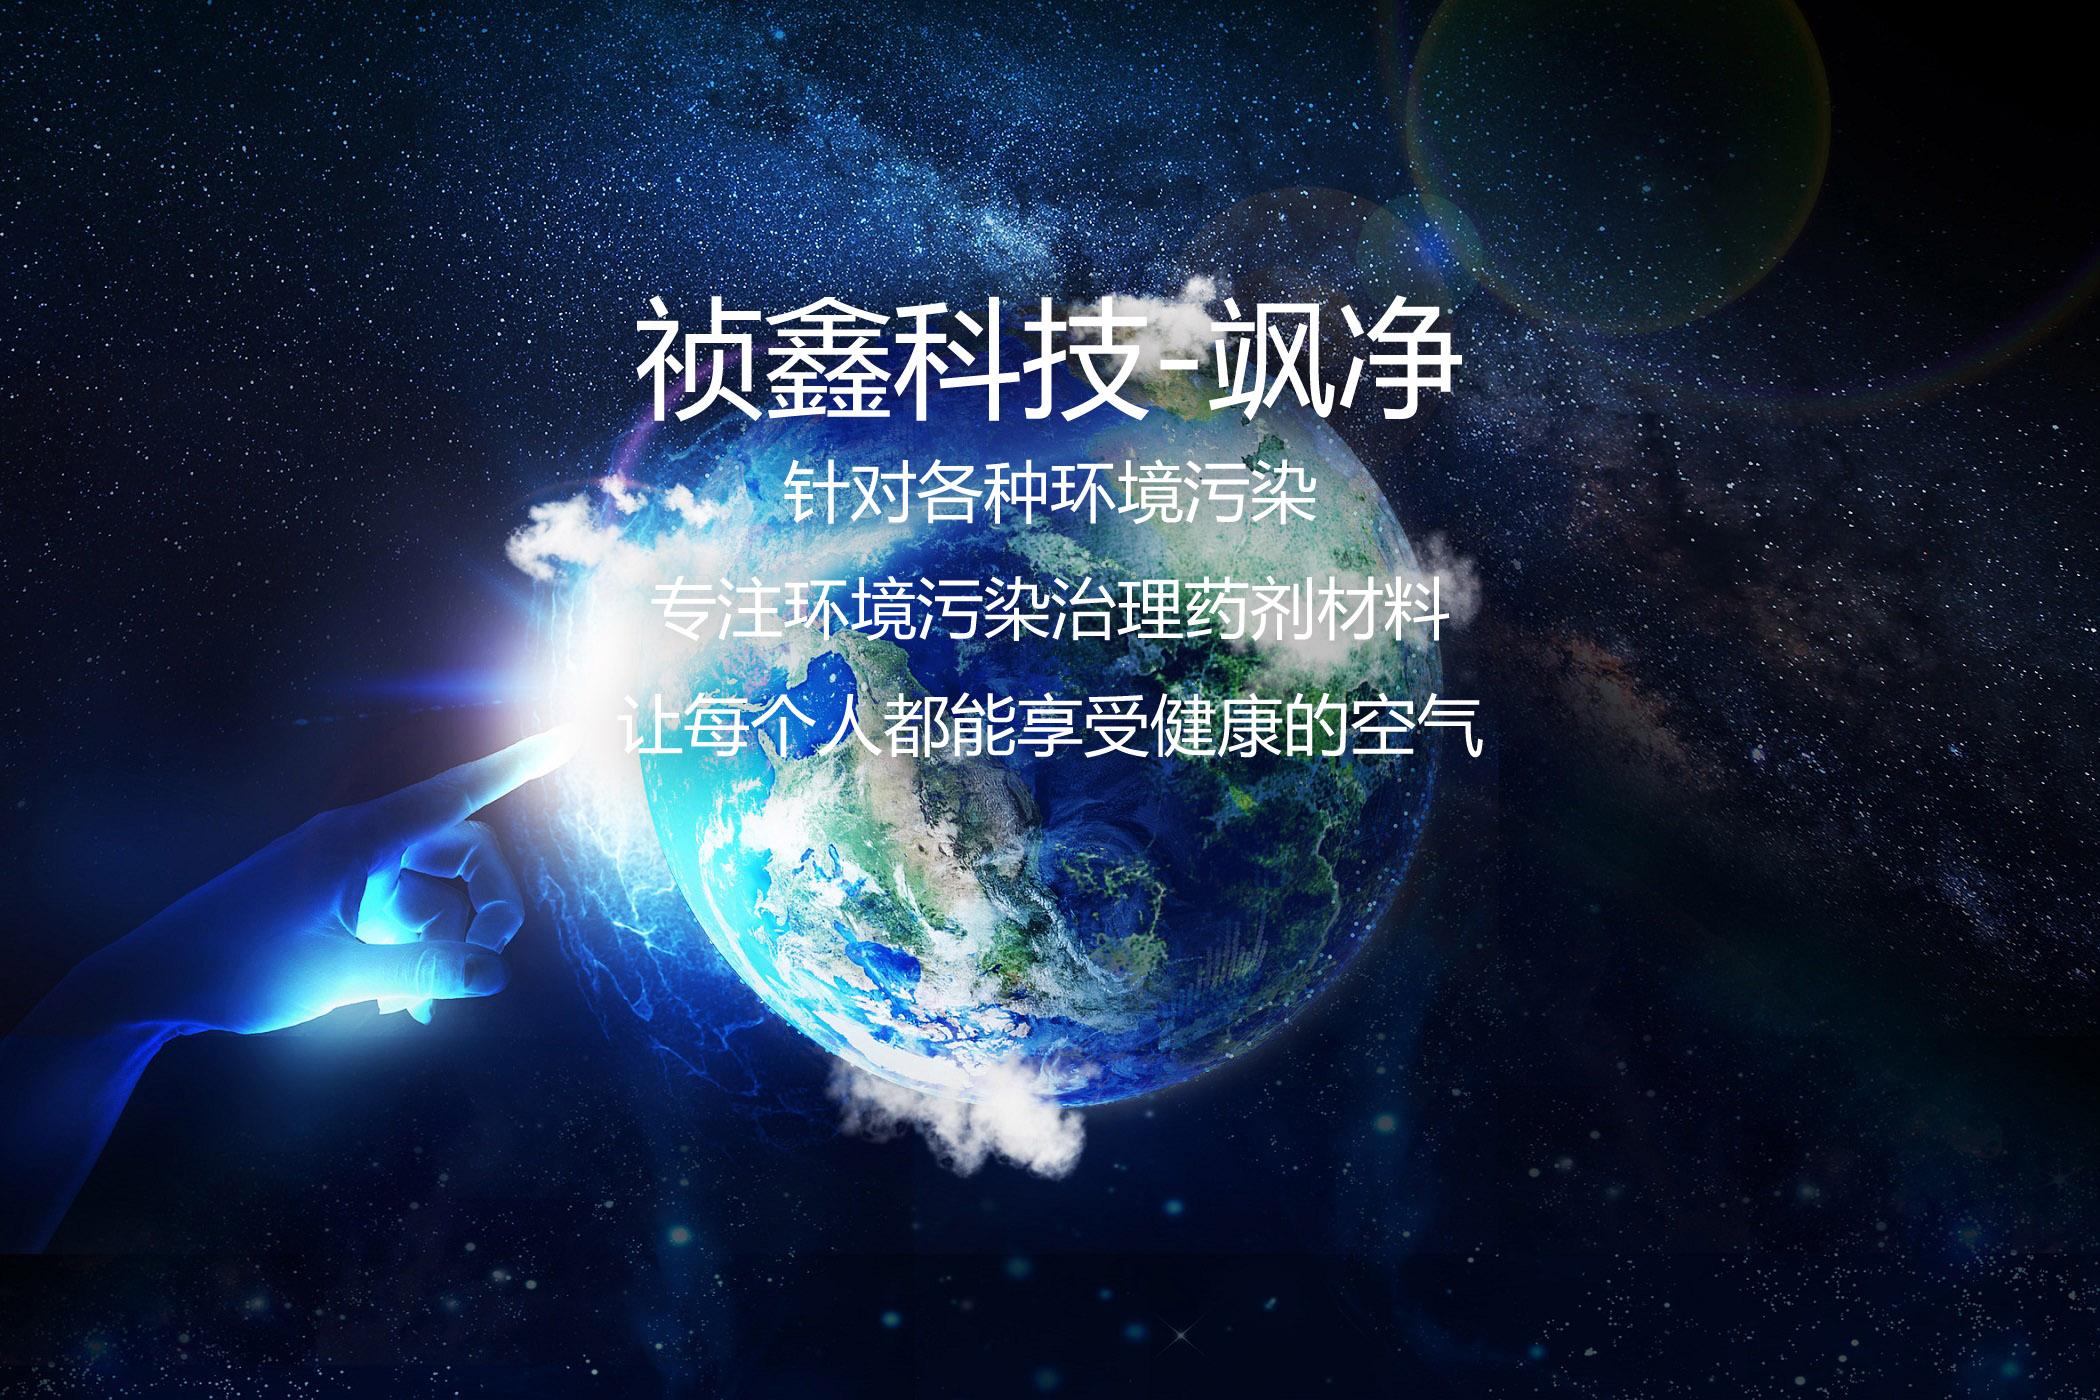 祯鑫科技飒净官方网站-环境污染治理